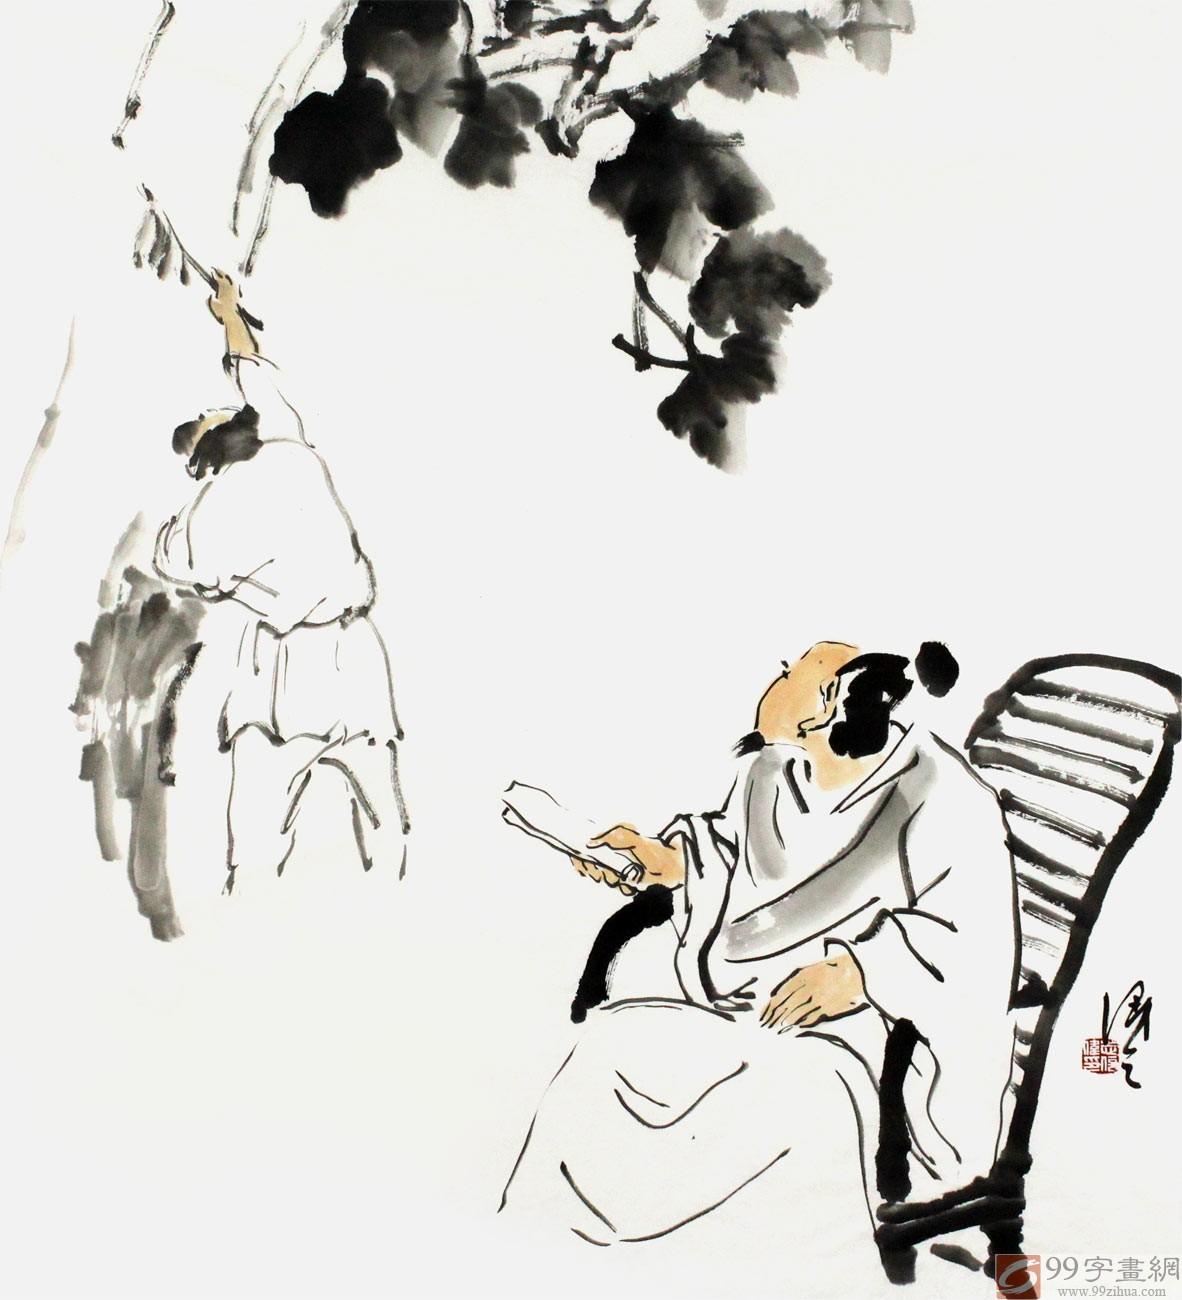 陈漫之,本名陈志伟,1979年生于河北丰润,现居北京。自幼随父习人物肖像,同时临习芥子园画谱,兼习书法,打下坚实的造型和笔墨基础。1999 年考入河北大学艺术学院艺术设计专业,同年师从著名书法家、诗人赵逢明先生习书法和诗词。2011年因偶然机缘受到华裔著名教育家、艺术巨匠钟正山先生赏 识,收为入室弟子。2013年求师于国画大家王同仁先生。山水、人物、花鸟兼能,尤长于大写意人物,线描亦精。 2002年参加湘楚杯全国书画大展获二等奖 2008年自辑旧体诗200余首成《枣庵诗存》 2009年参加赵逢明先生师生自